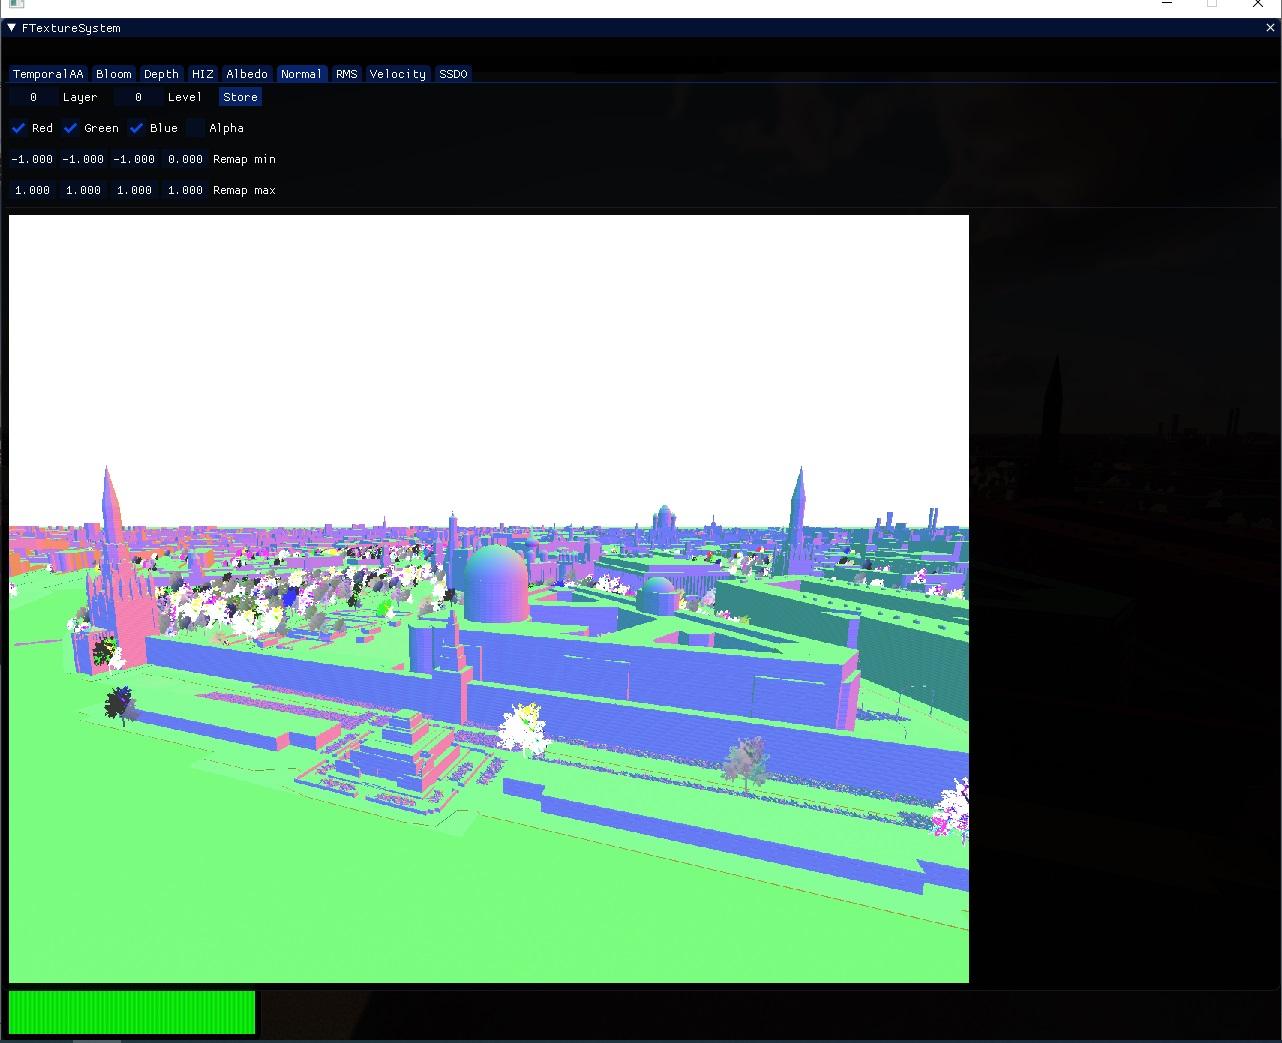 test_screen_2 | Your city in 3d / Твой город в 3D